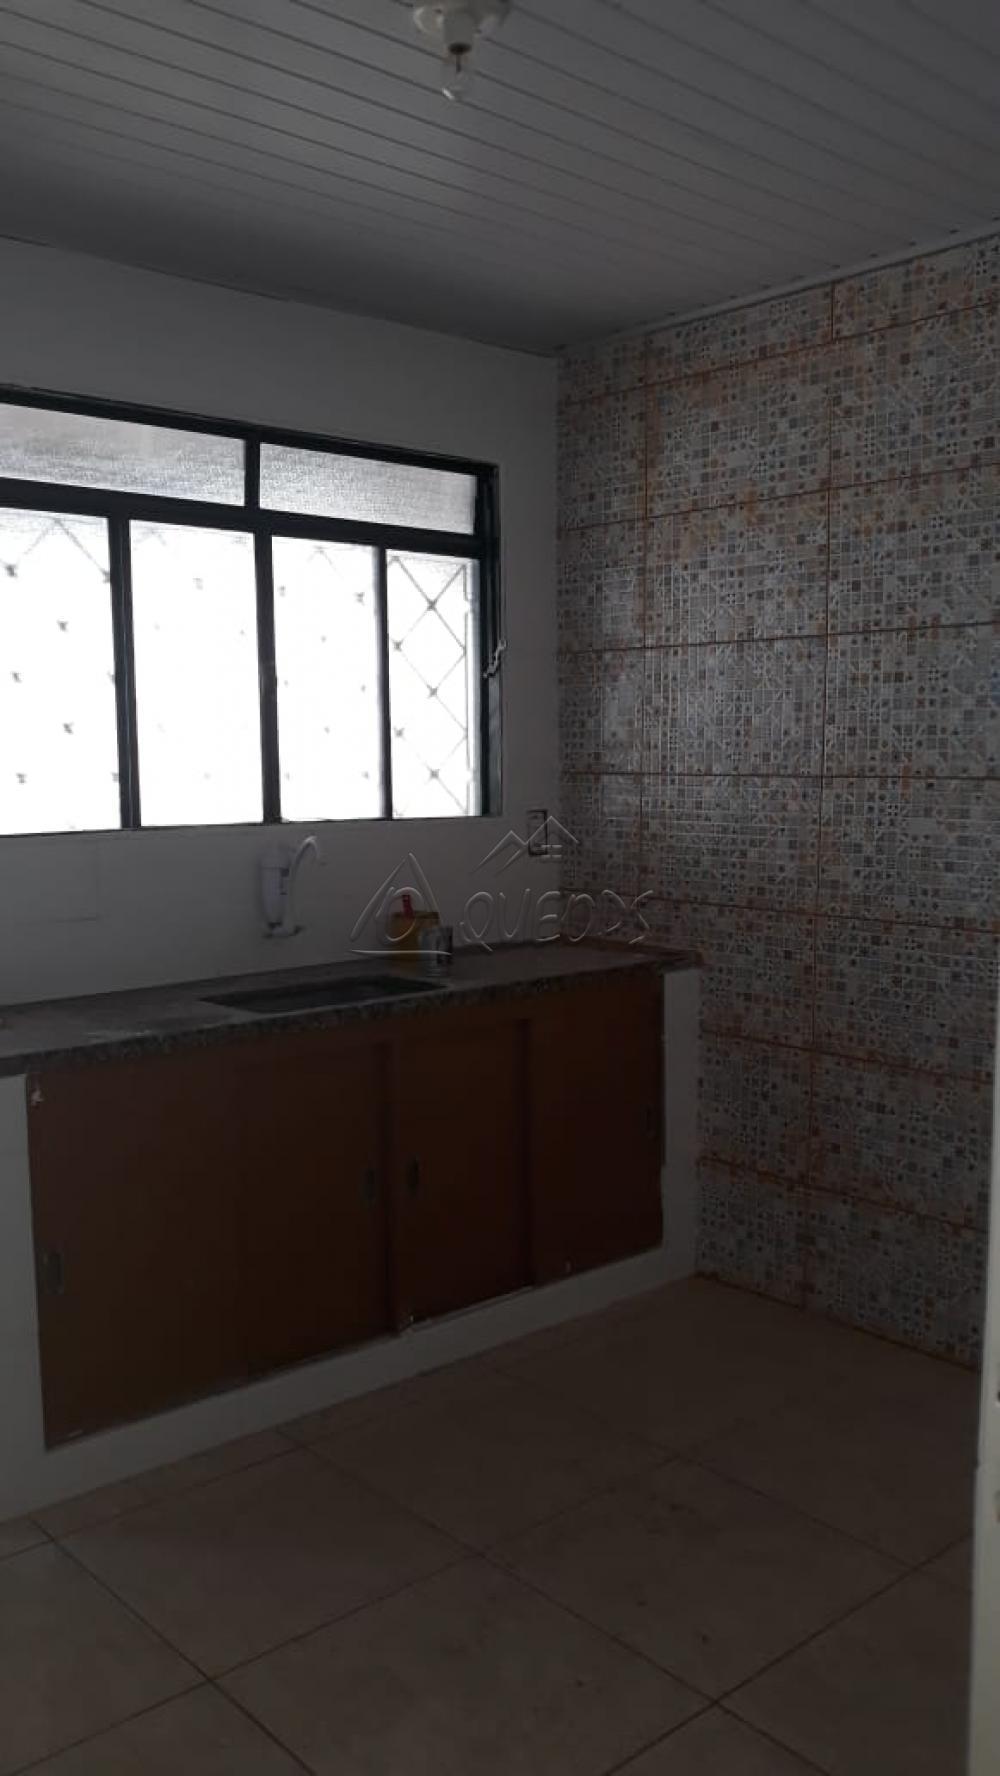 Alugar Casa / Padrão em Barretos apenas R$ 800,00 - Foto 11